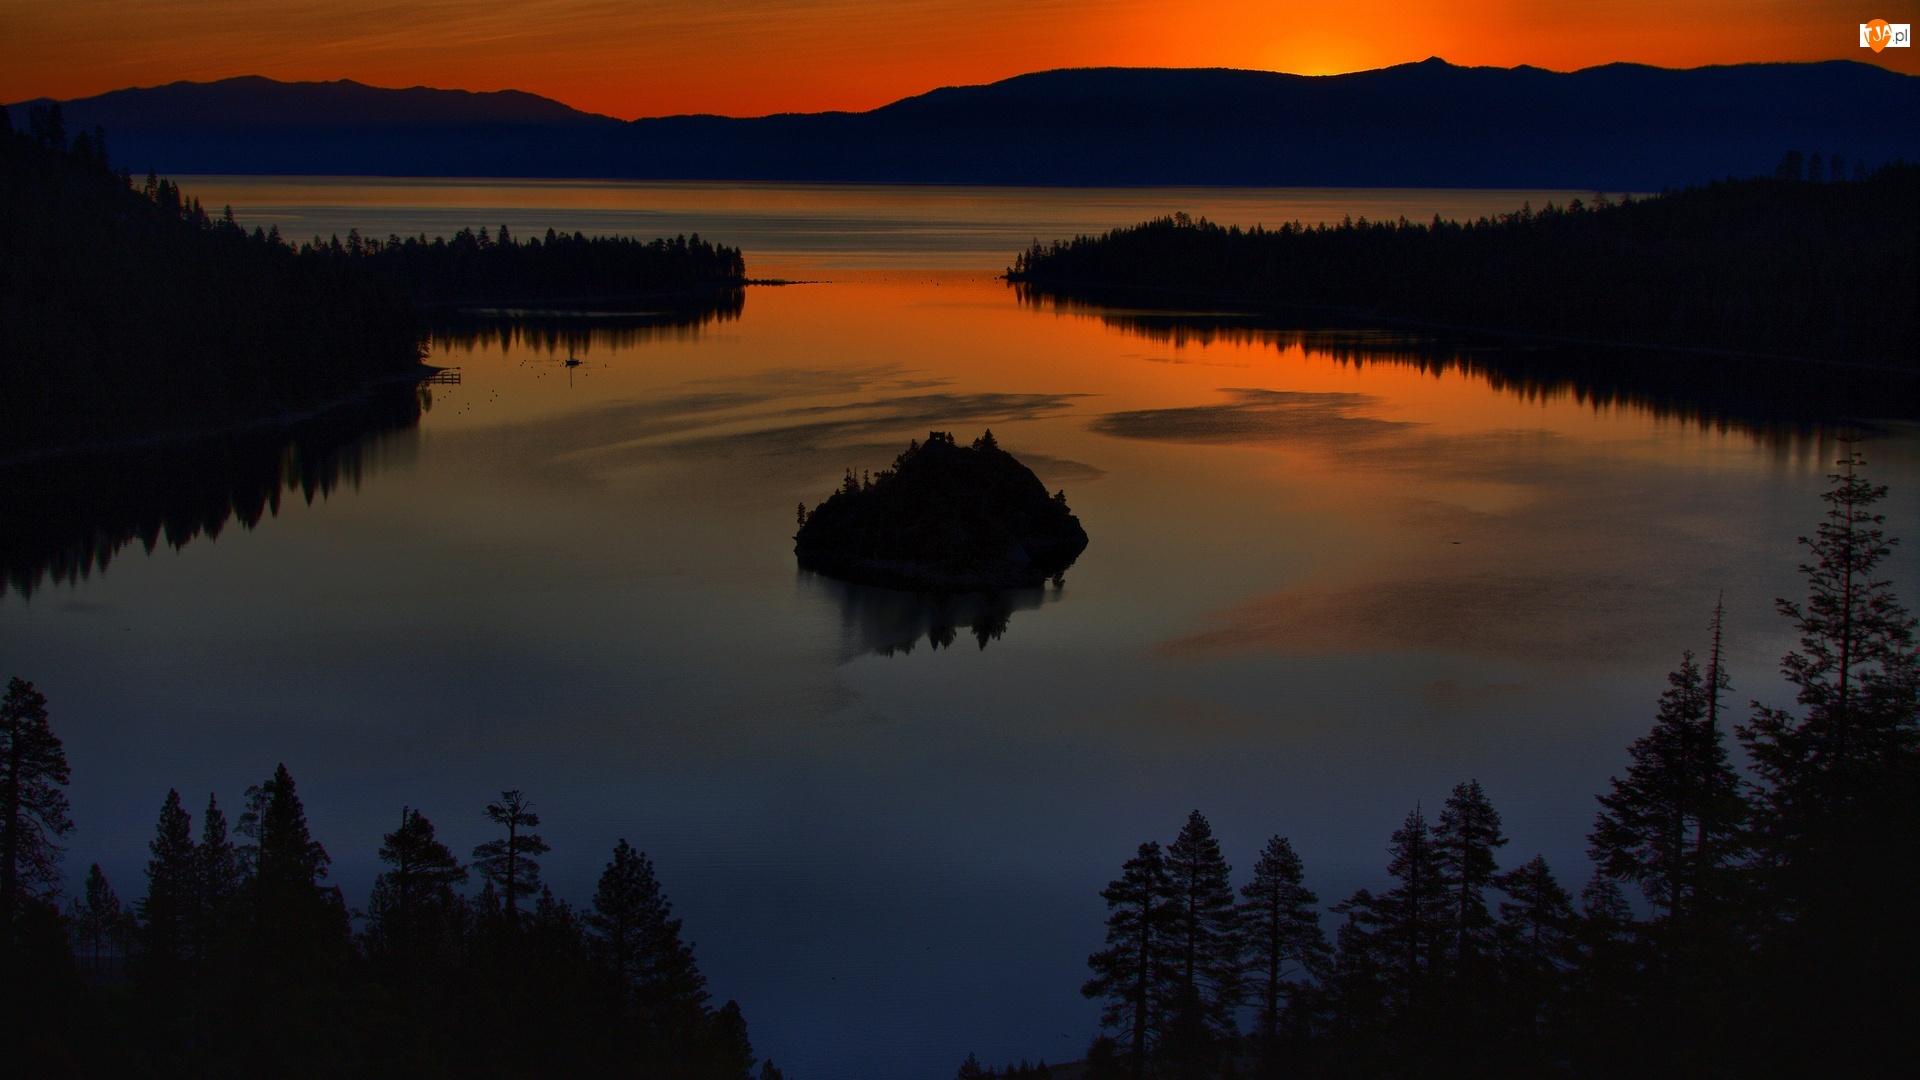 Drzewa, Zmierzch, Wzgórza, Jezioro